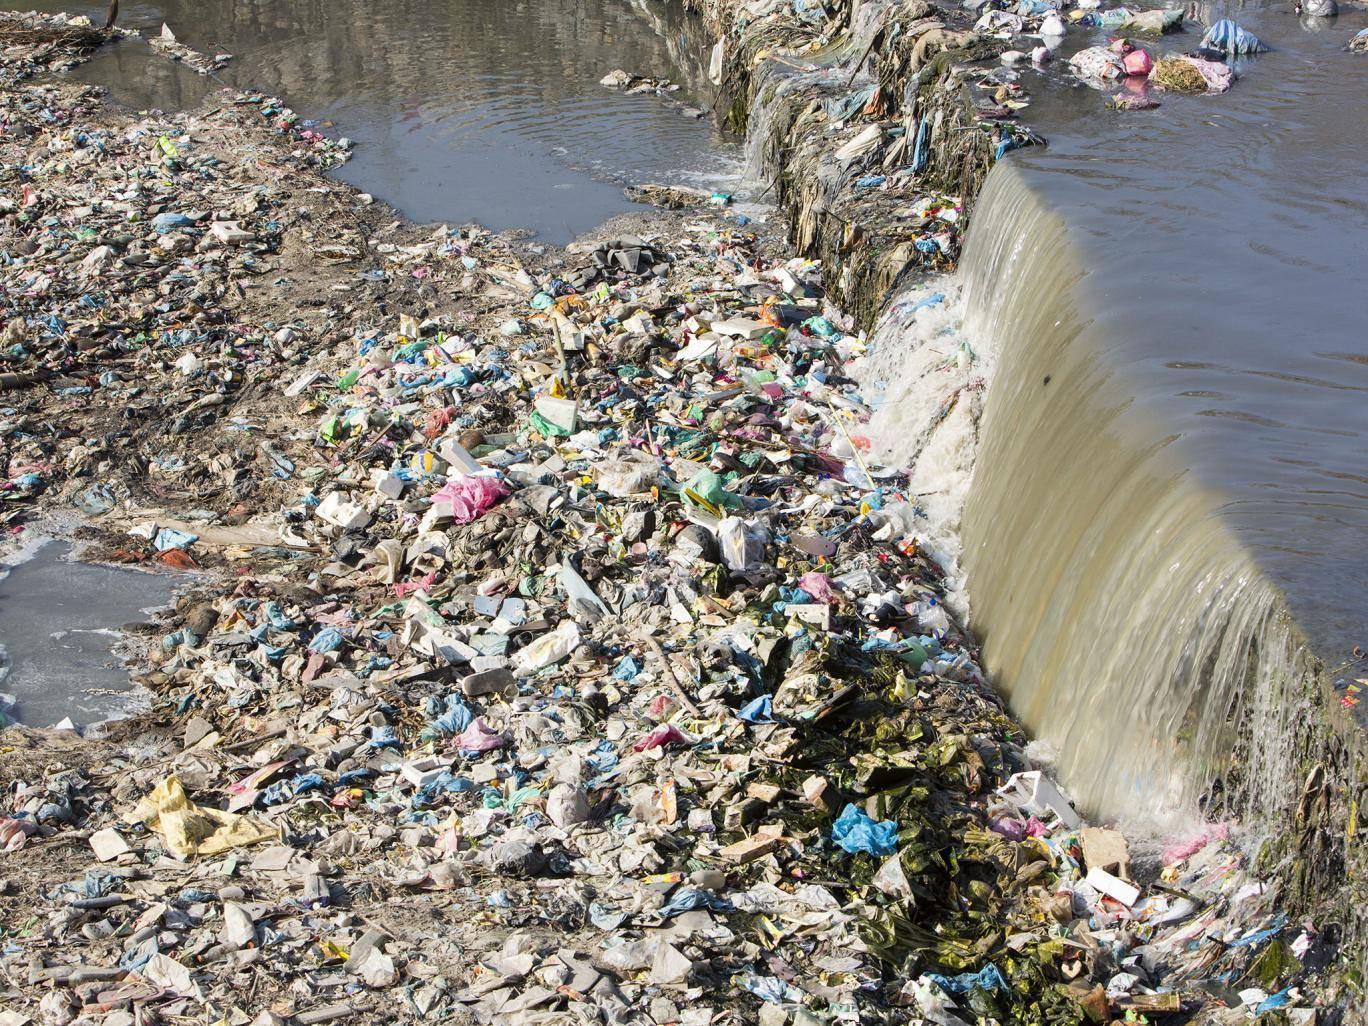 Báo động thật rồi: Ô nhiễm rác nhựa ngày càng gây nguy hiểm cho cuộc